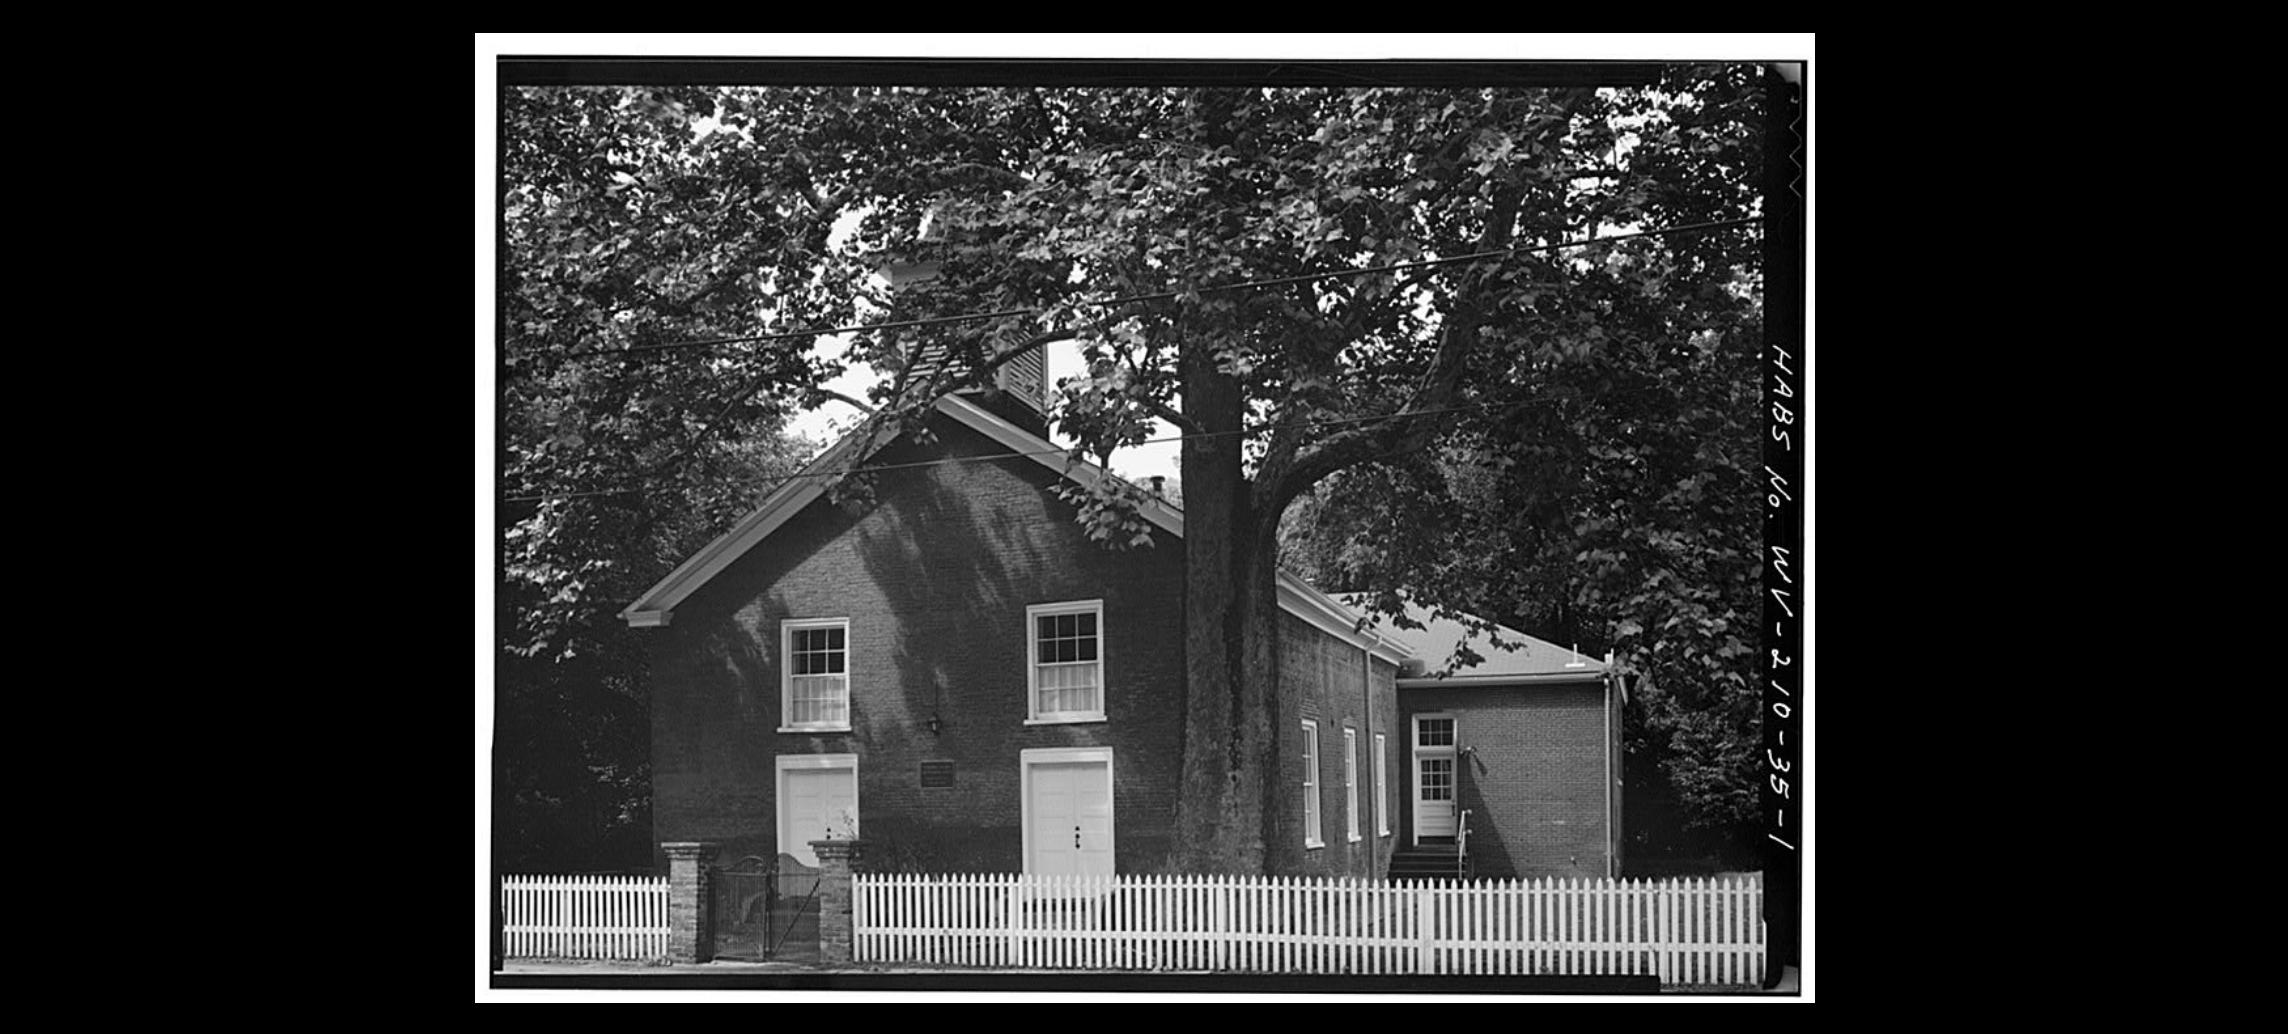 Kanawha Salines Presbyterian Church, 1980